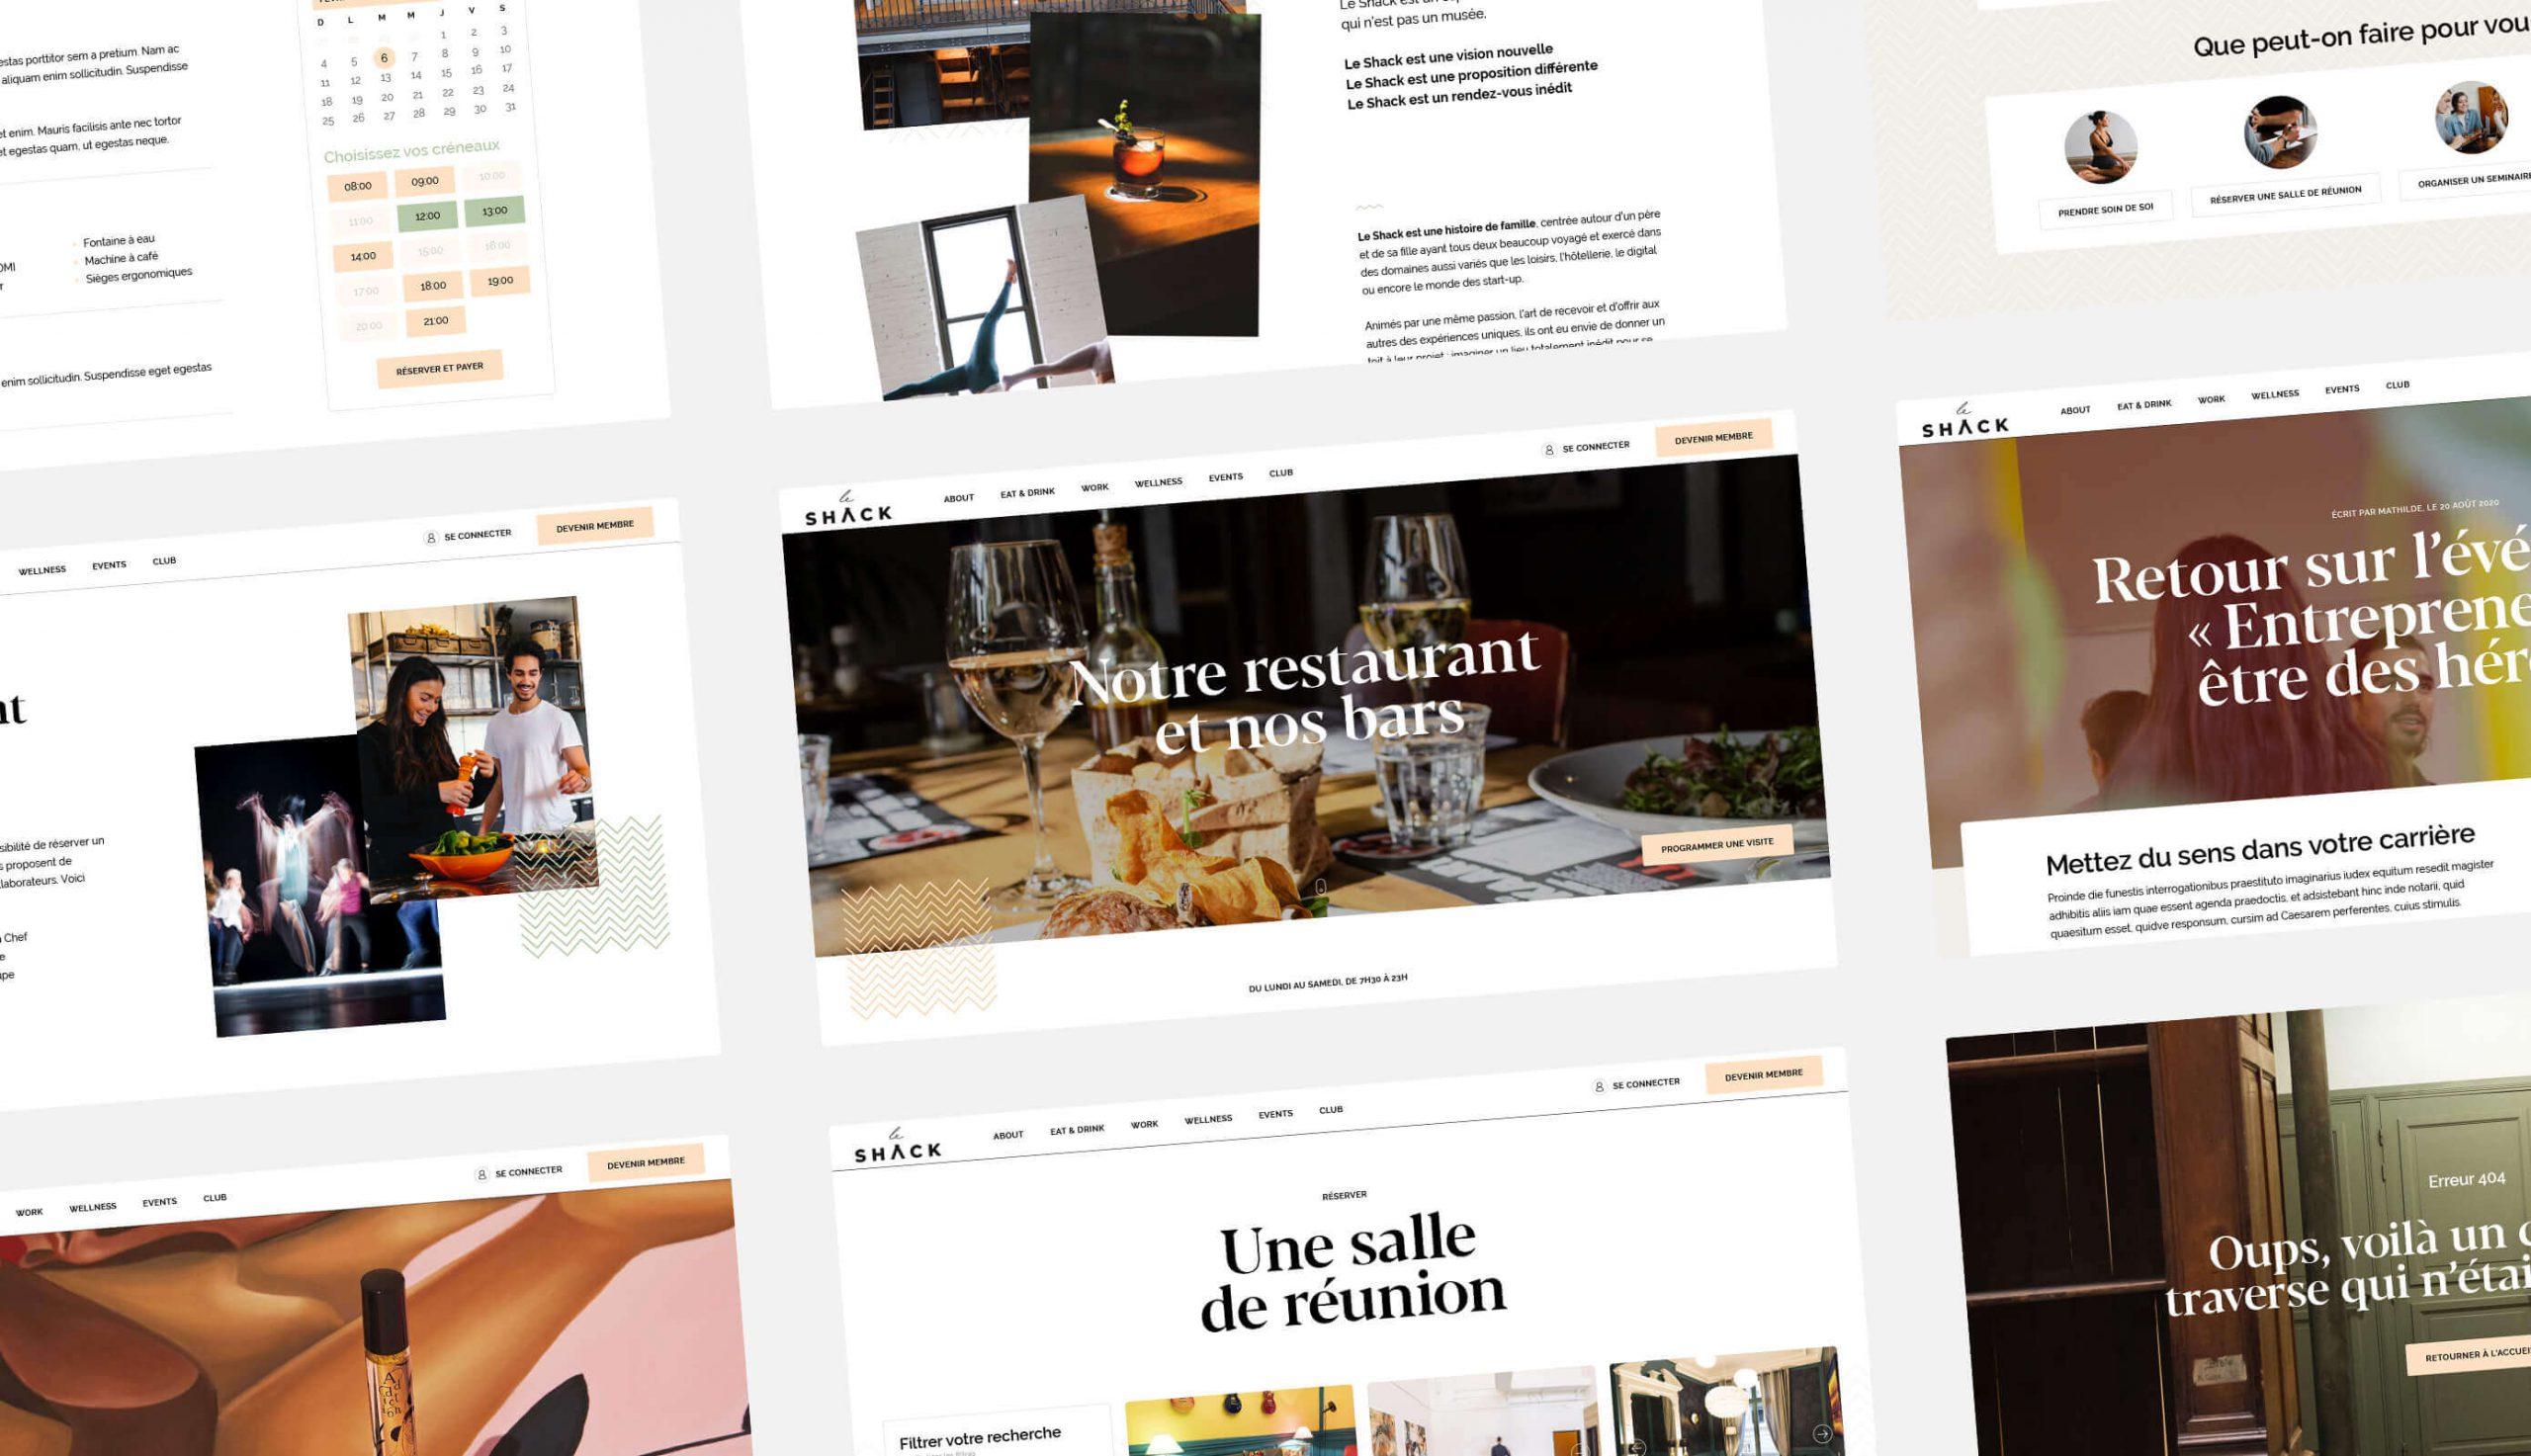 Site Web du lieu Le Shack Paris - Antoine Peltier